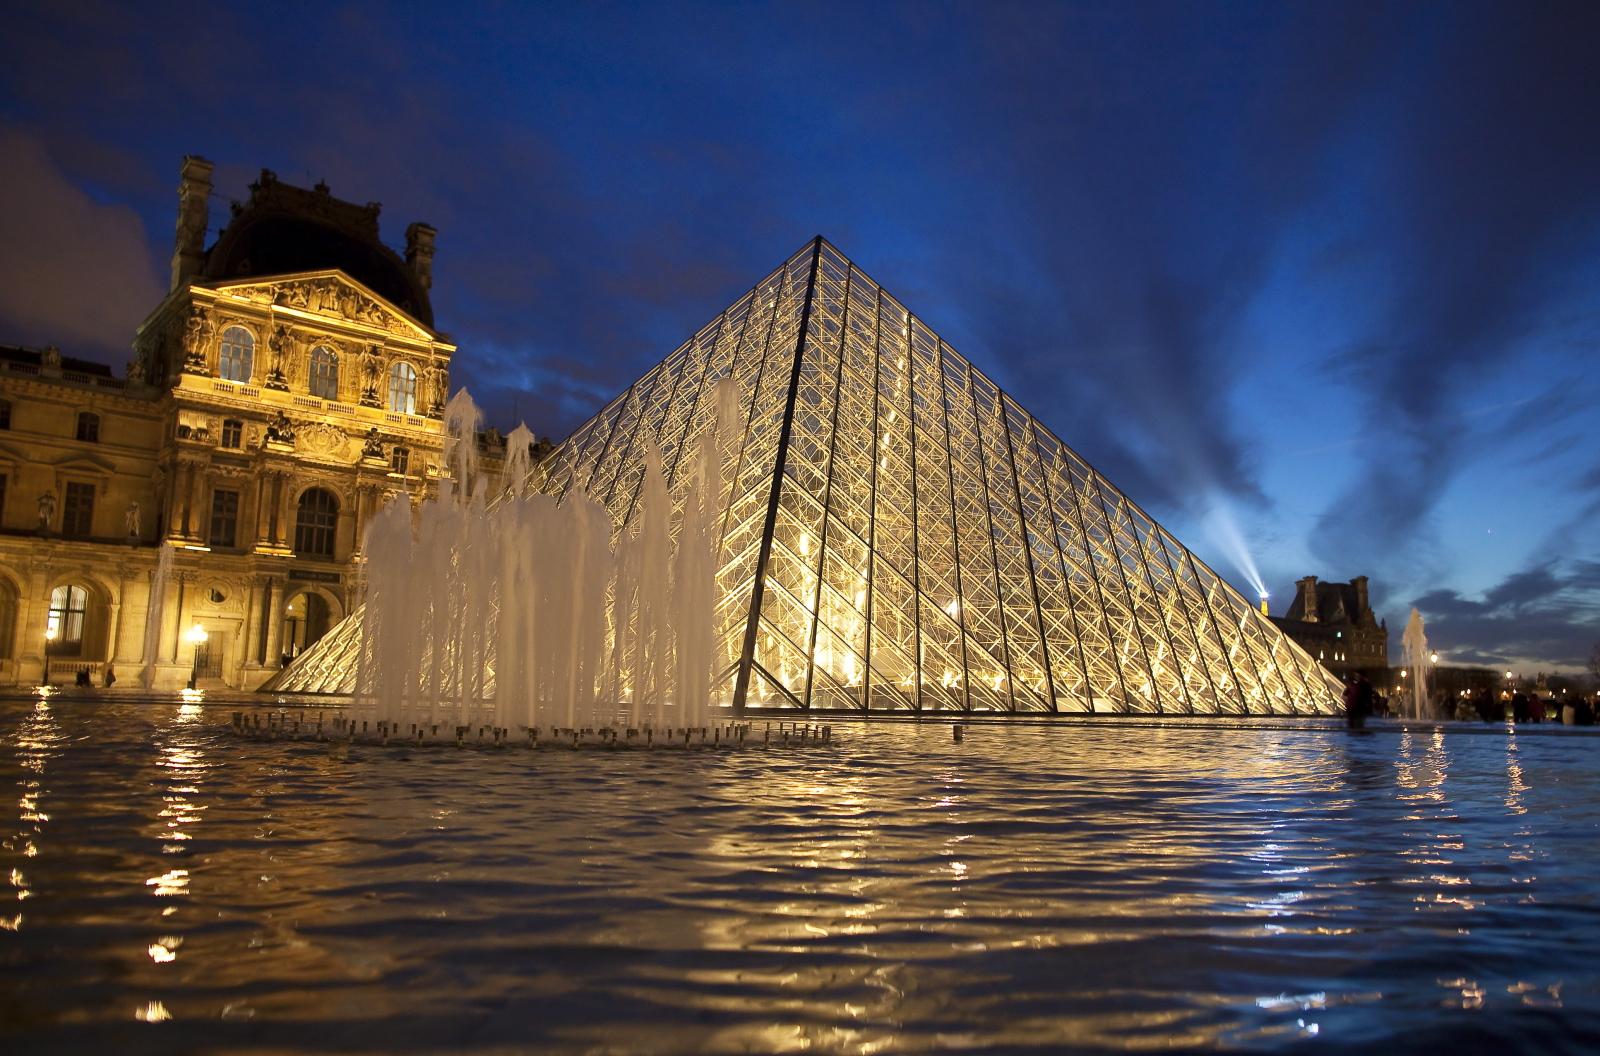 30 rocznica pojawienia się piramidy przed Luwrem. Fot. PAP/EPA/IAN LANGSDON